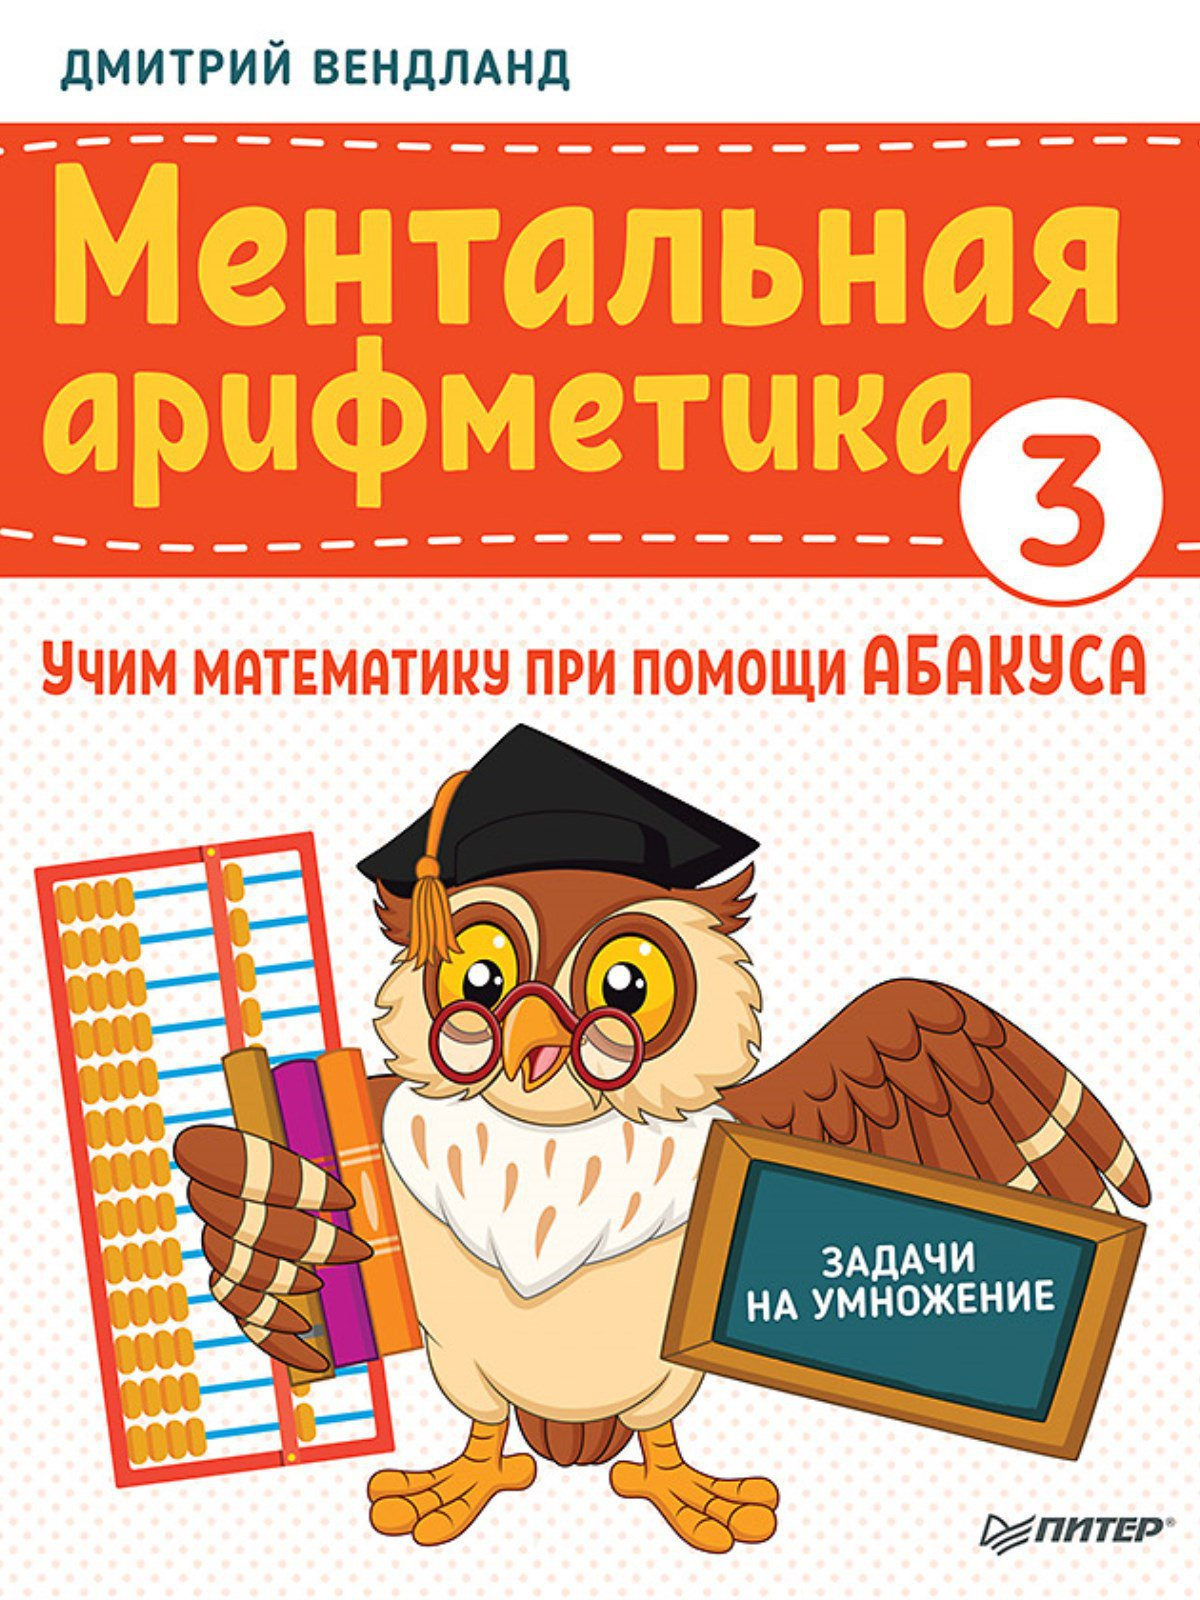 ментальная арифметика учим математику при помощи абакуса сложение и вычитание до 100 Ментальная арифметика 3: учим математику при помощи абакуса. Задачи на умножение Учим математику при помощи абакуса